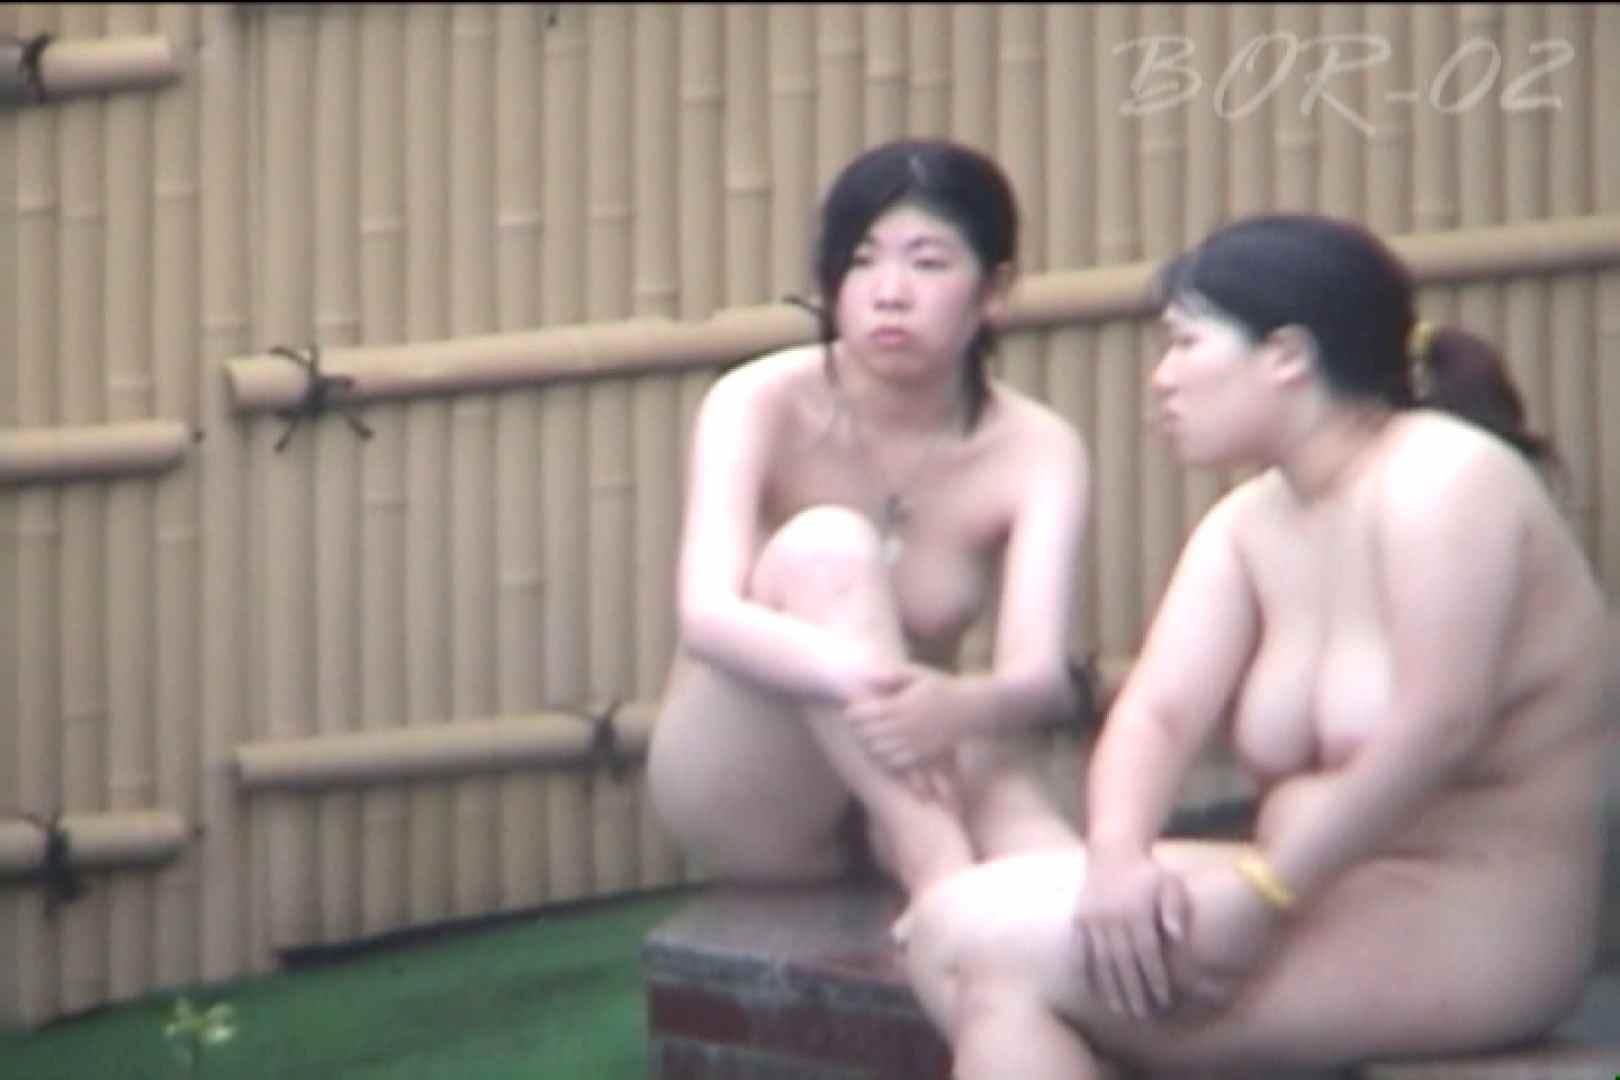 Aquaな露天風呂Vol.471 美しいOLの裸体 のぞき動画画像 70pic 14